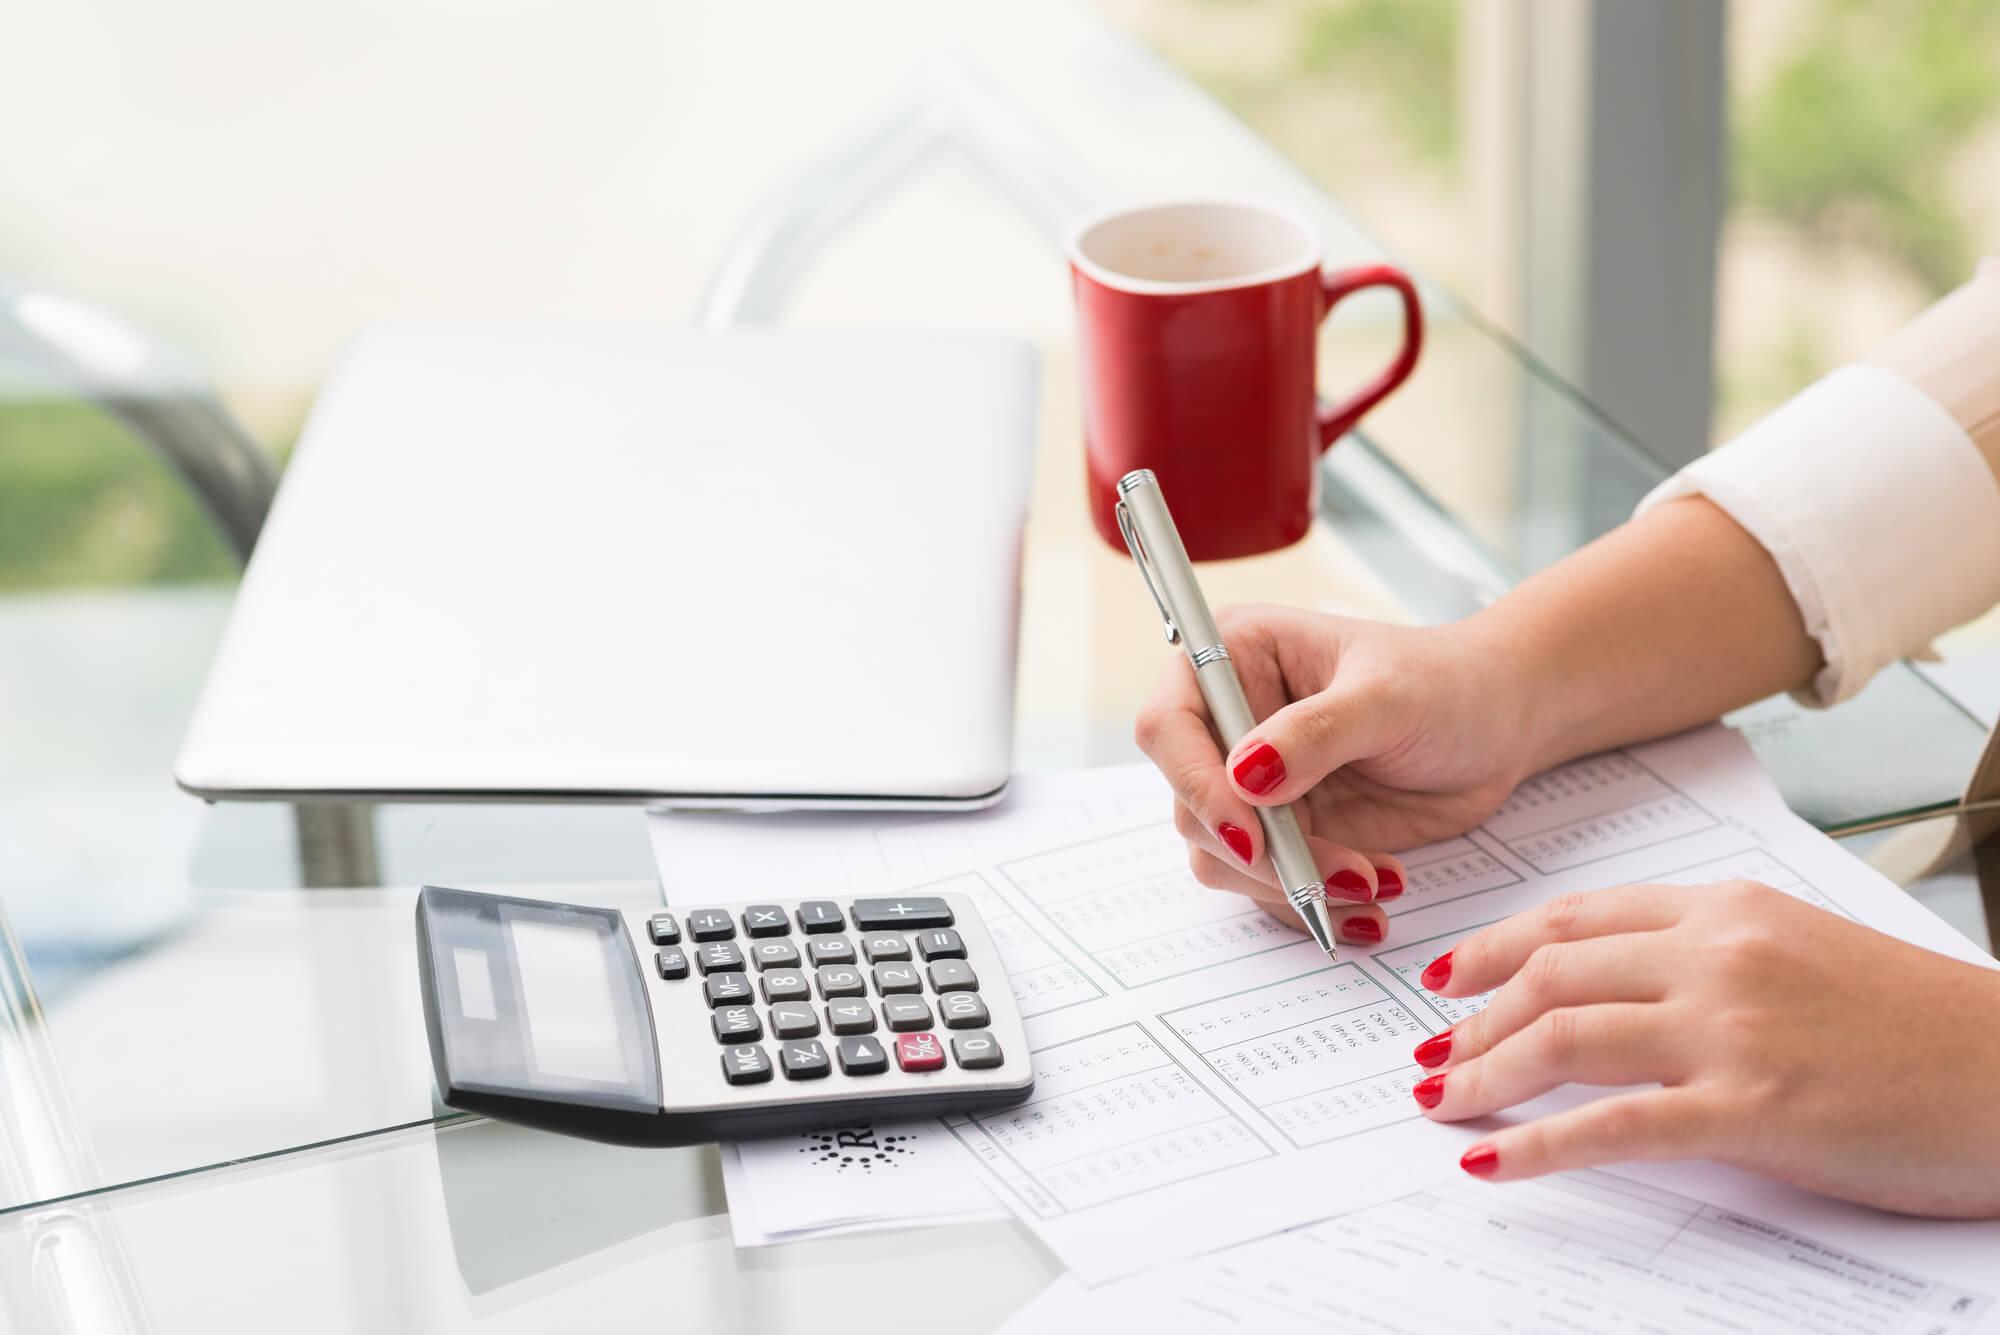 Stawki podatku VAT – co się zmieni po 1 kwietnia 2020?